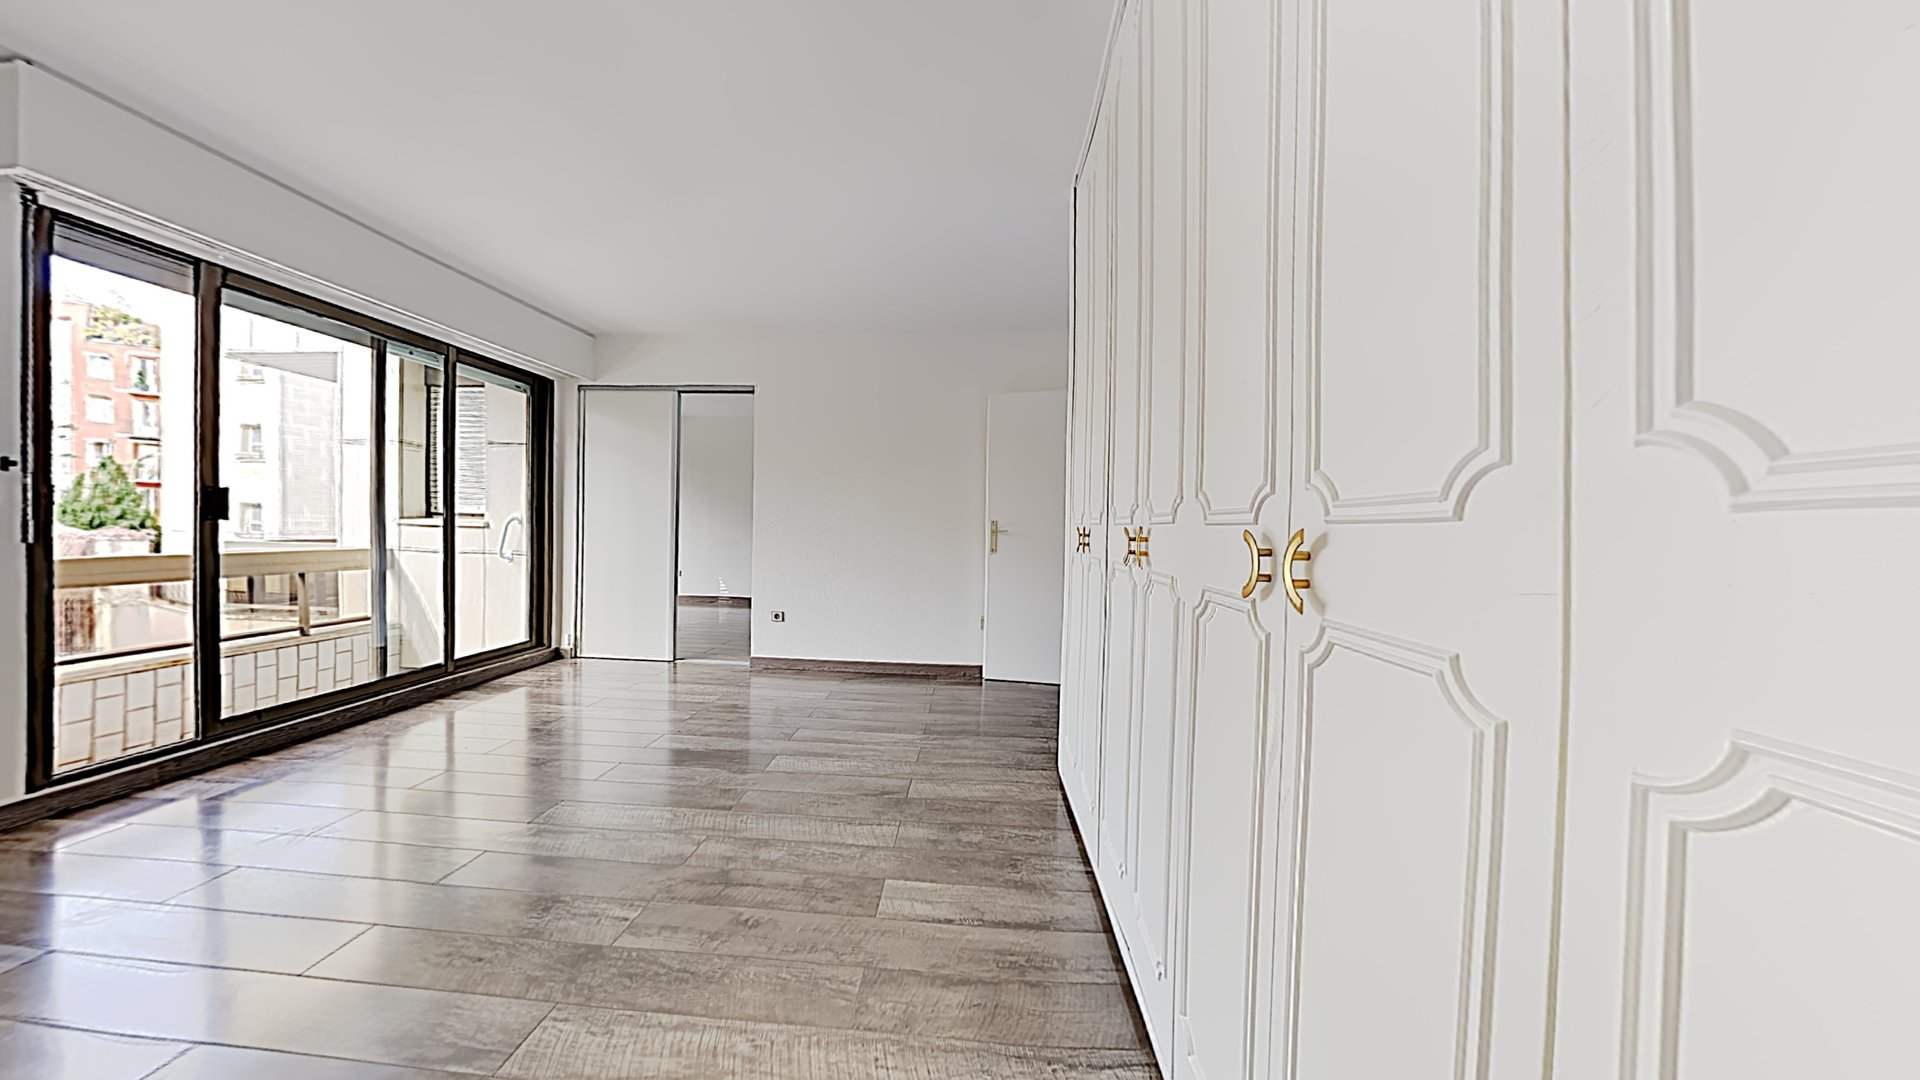 Neuilly-sur-Seine 922006 - à vendre appartement 2 pièces de 42.14m² avec 2 balcons